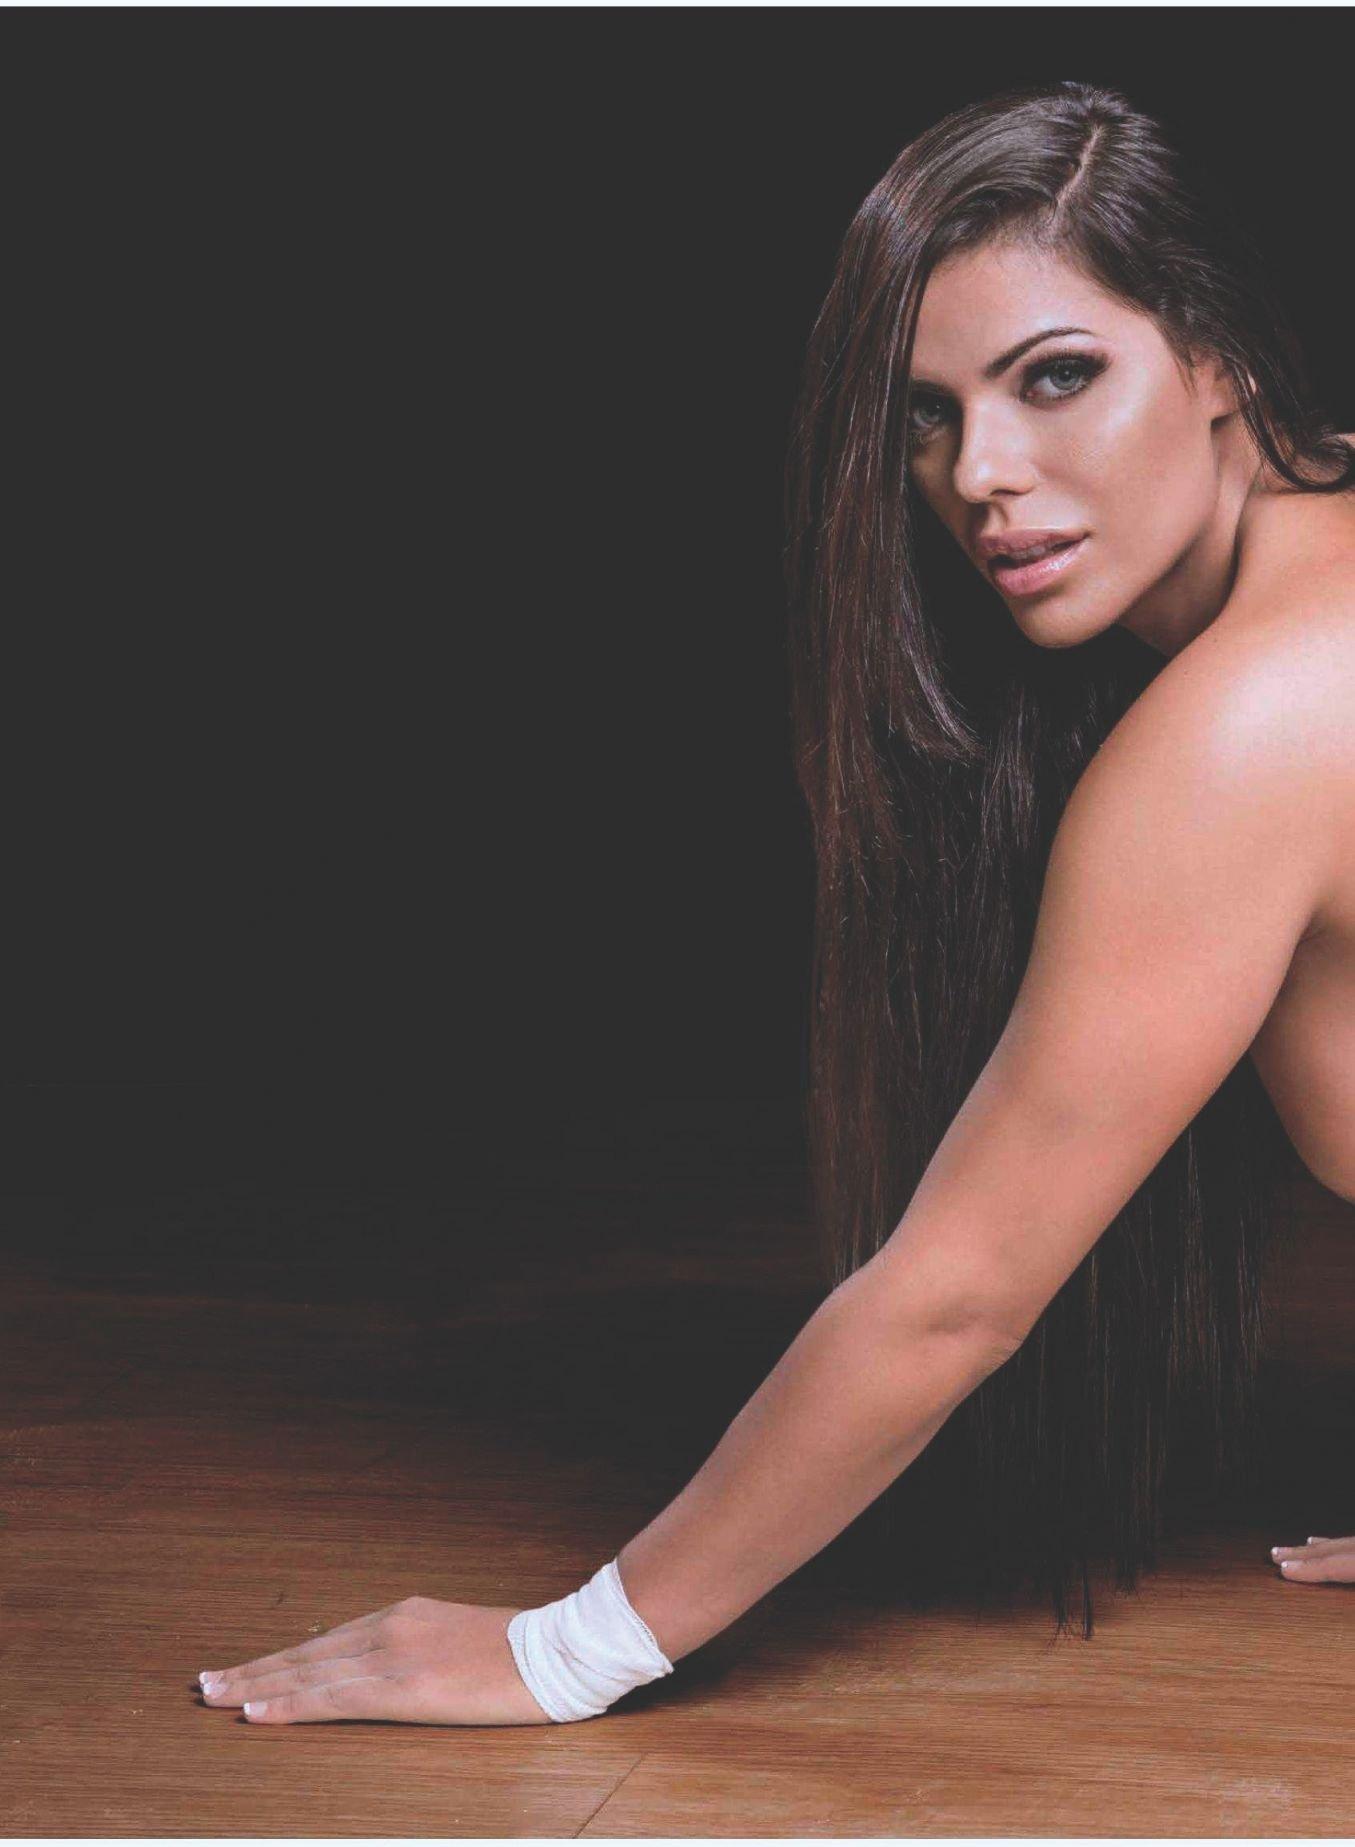 Fotos Playboy Suzy Cortez Agosto (19)